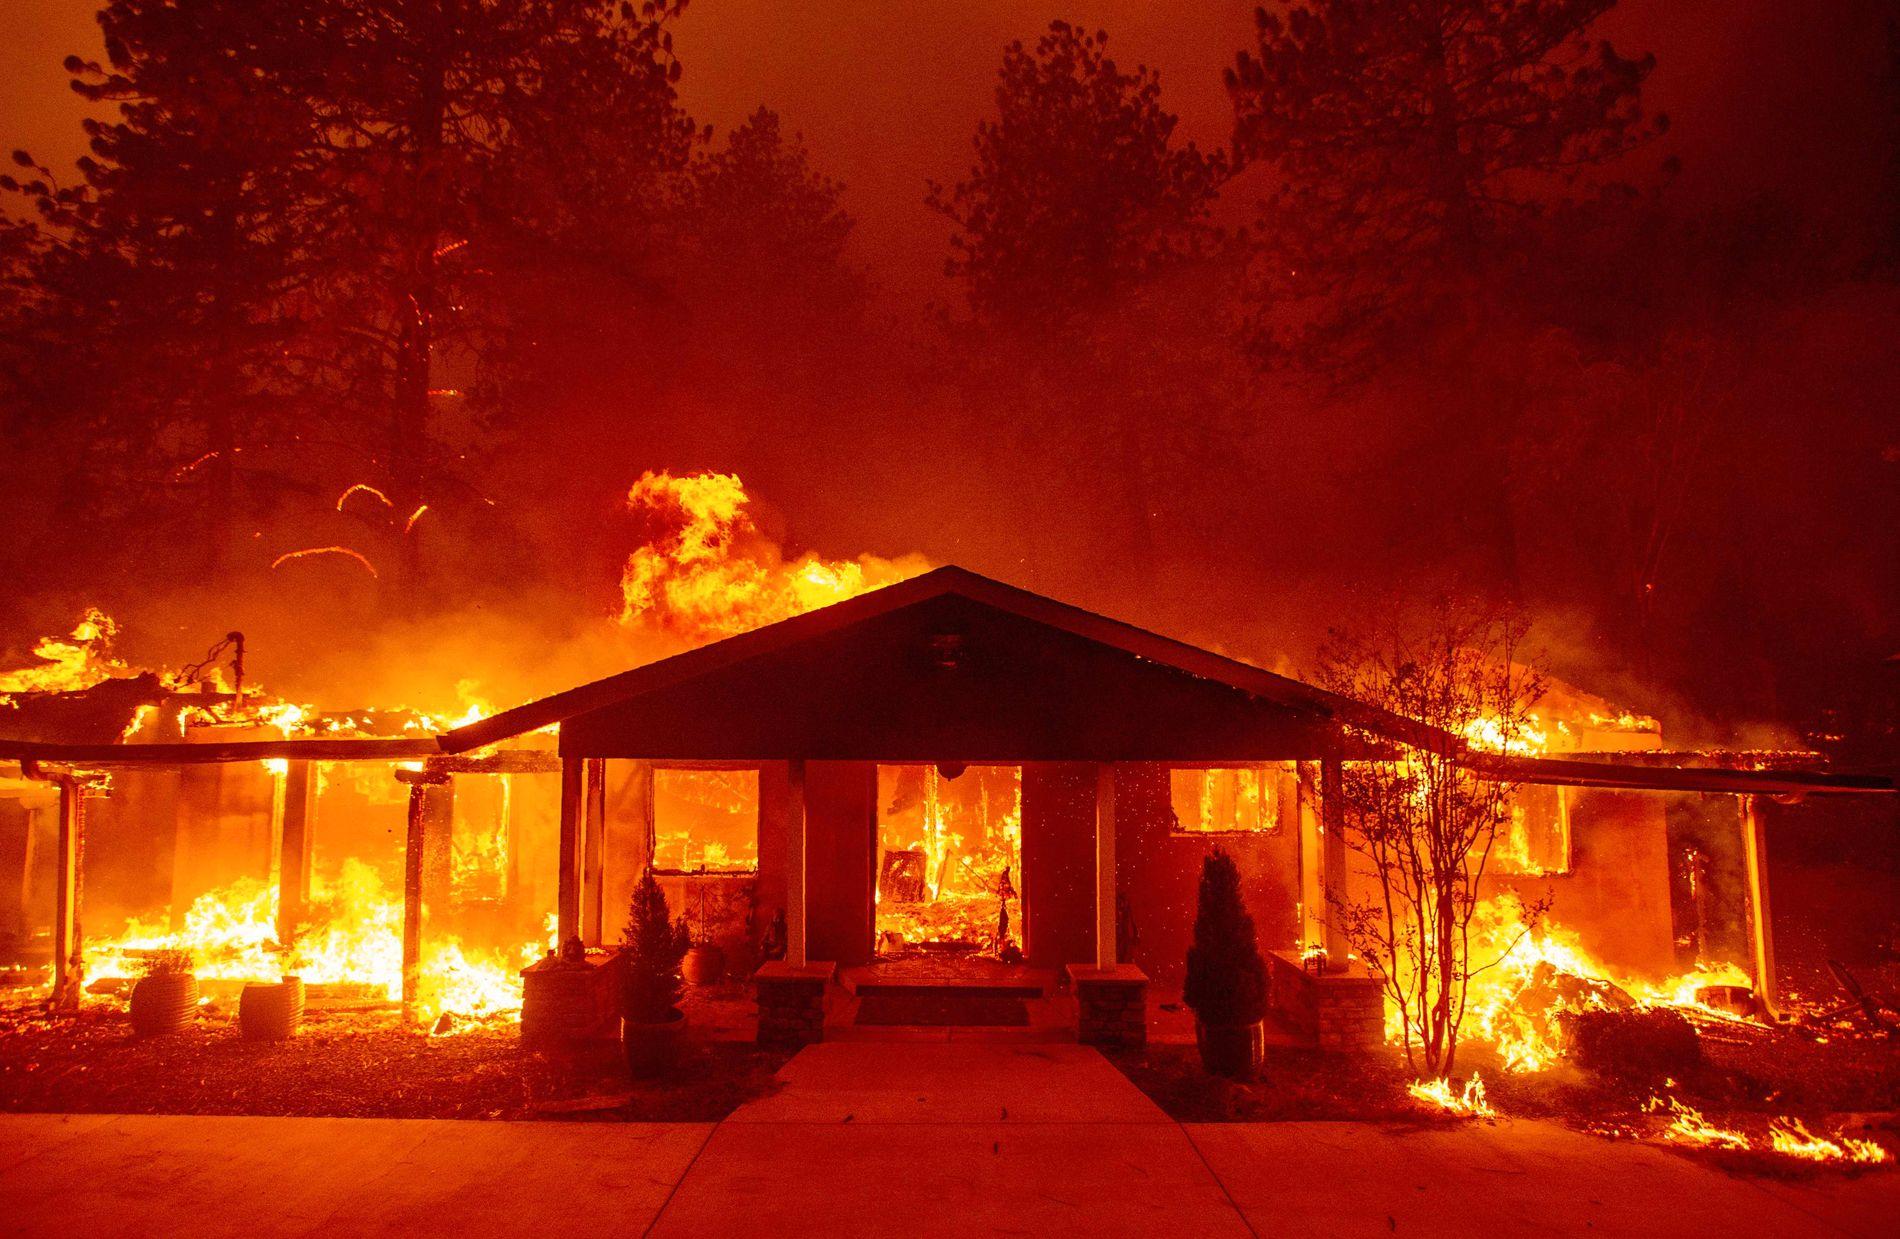 CALIFORNIA BRENNER: 150.000 mennesker, deriblant Caitlyn Jenner og Kardashian-familien, har evakuert fra Malibu-området på grunn av den eksplosive skogbrannen Woolsey Fire. VG presiserer at huset på bildet ikke er Caitlyn Jenners.